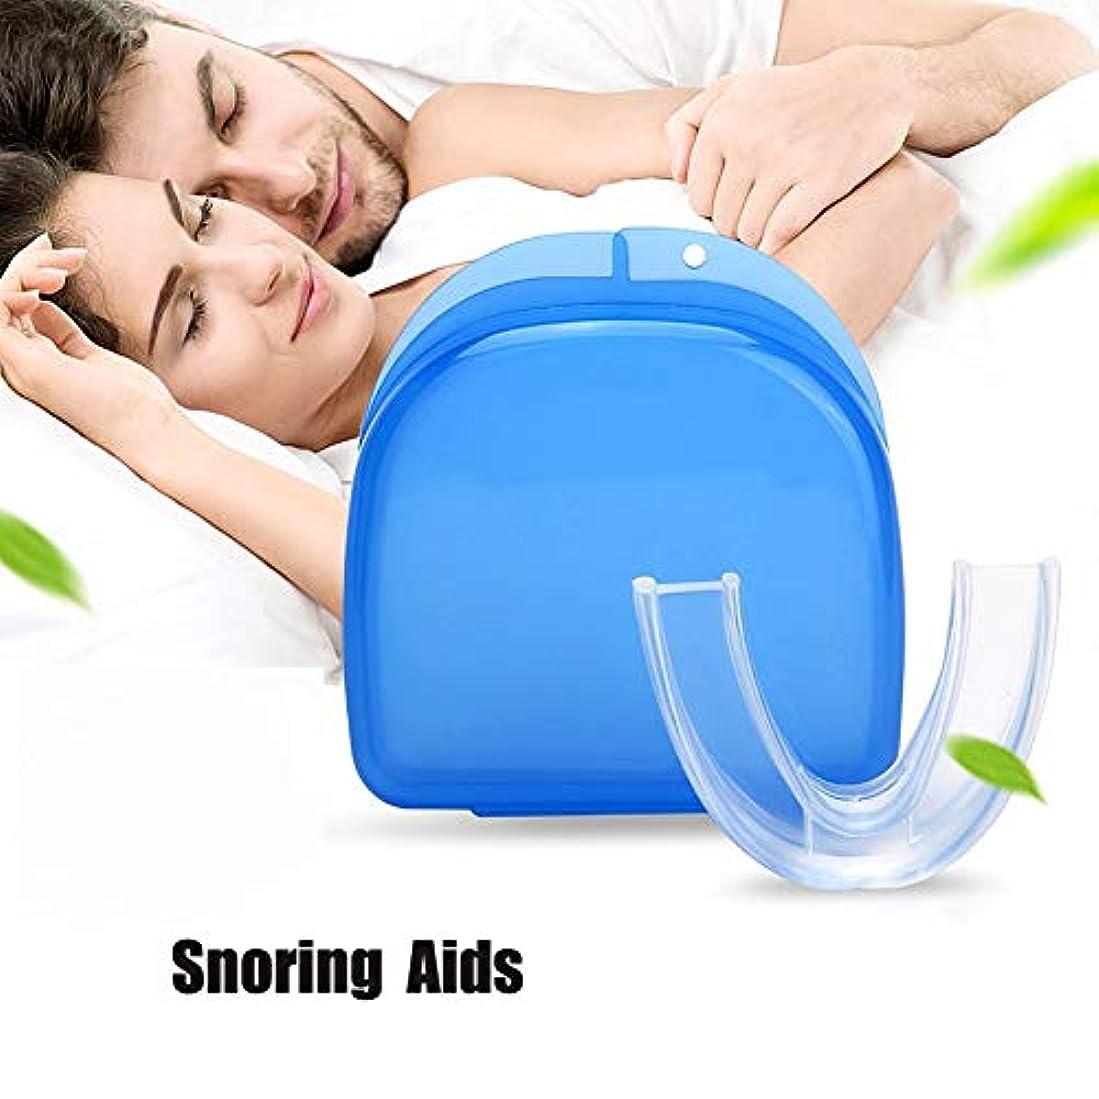 鎖ロードされた合併症安全なシリコーンアンチいびき、いびき止めソリューション品質ツール睡眠とハーモニーライフ健康睡眠ツール、3個